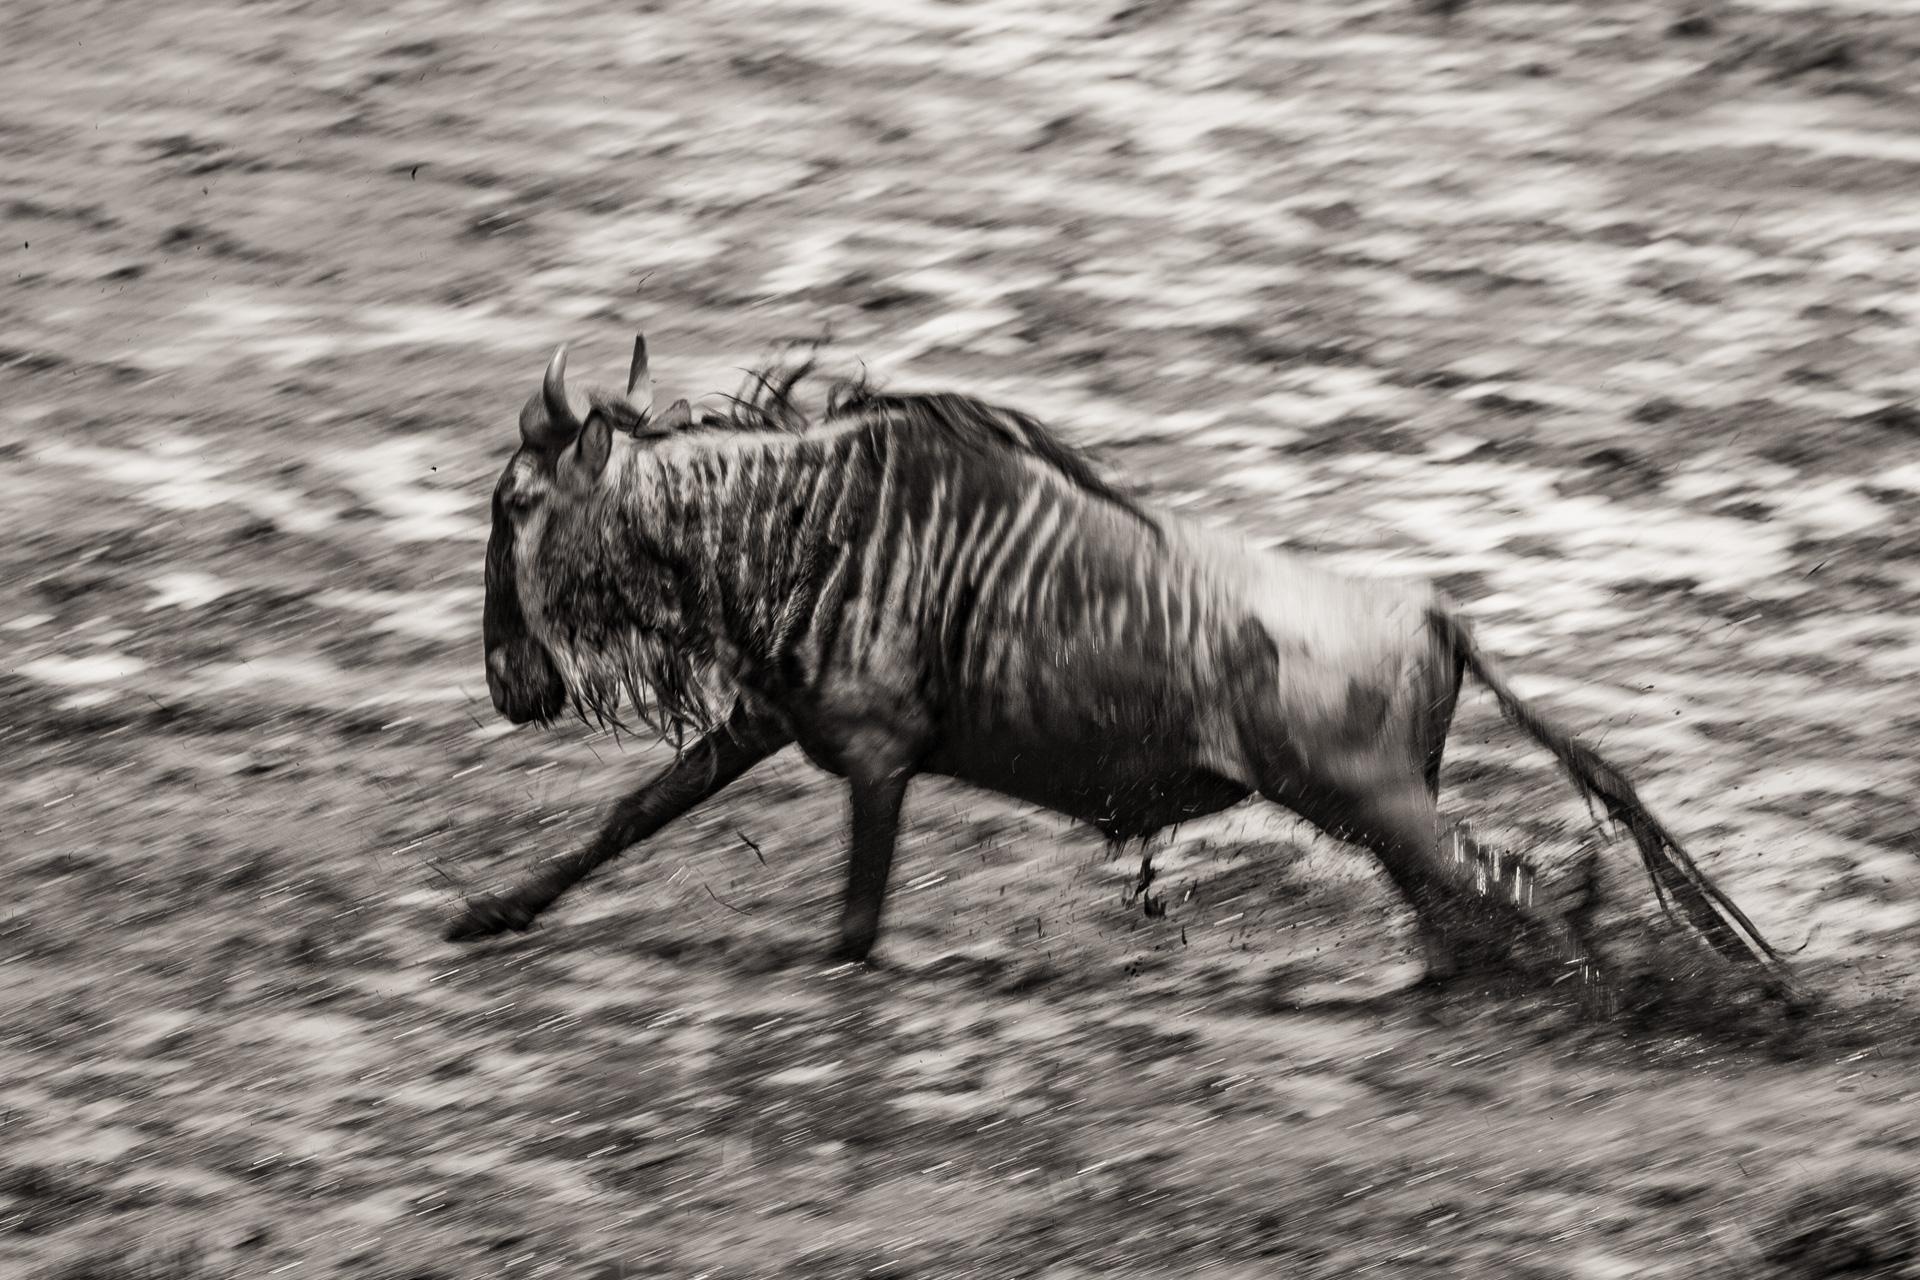 Wildebeest in mud